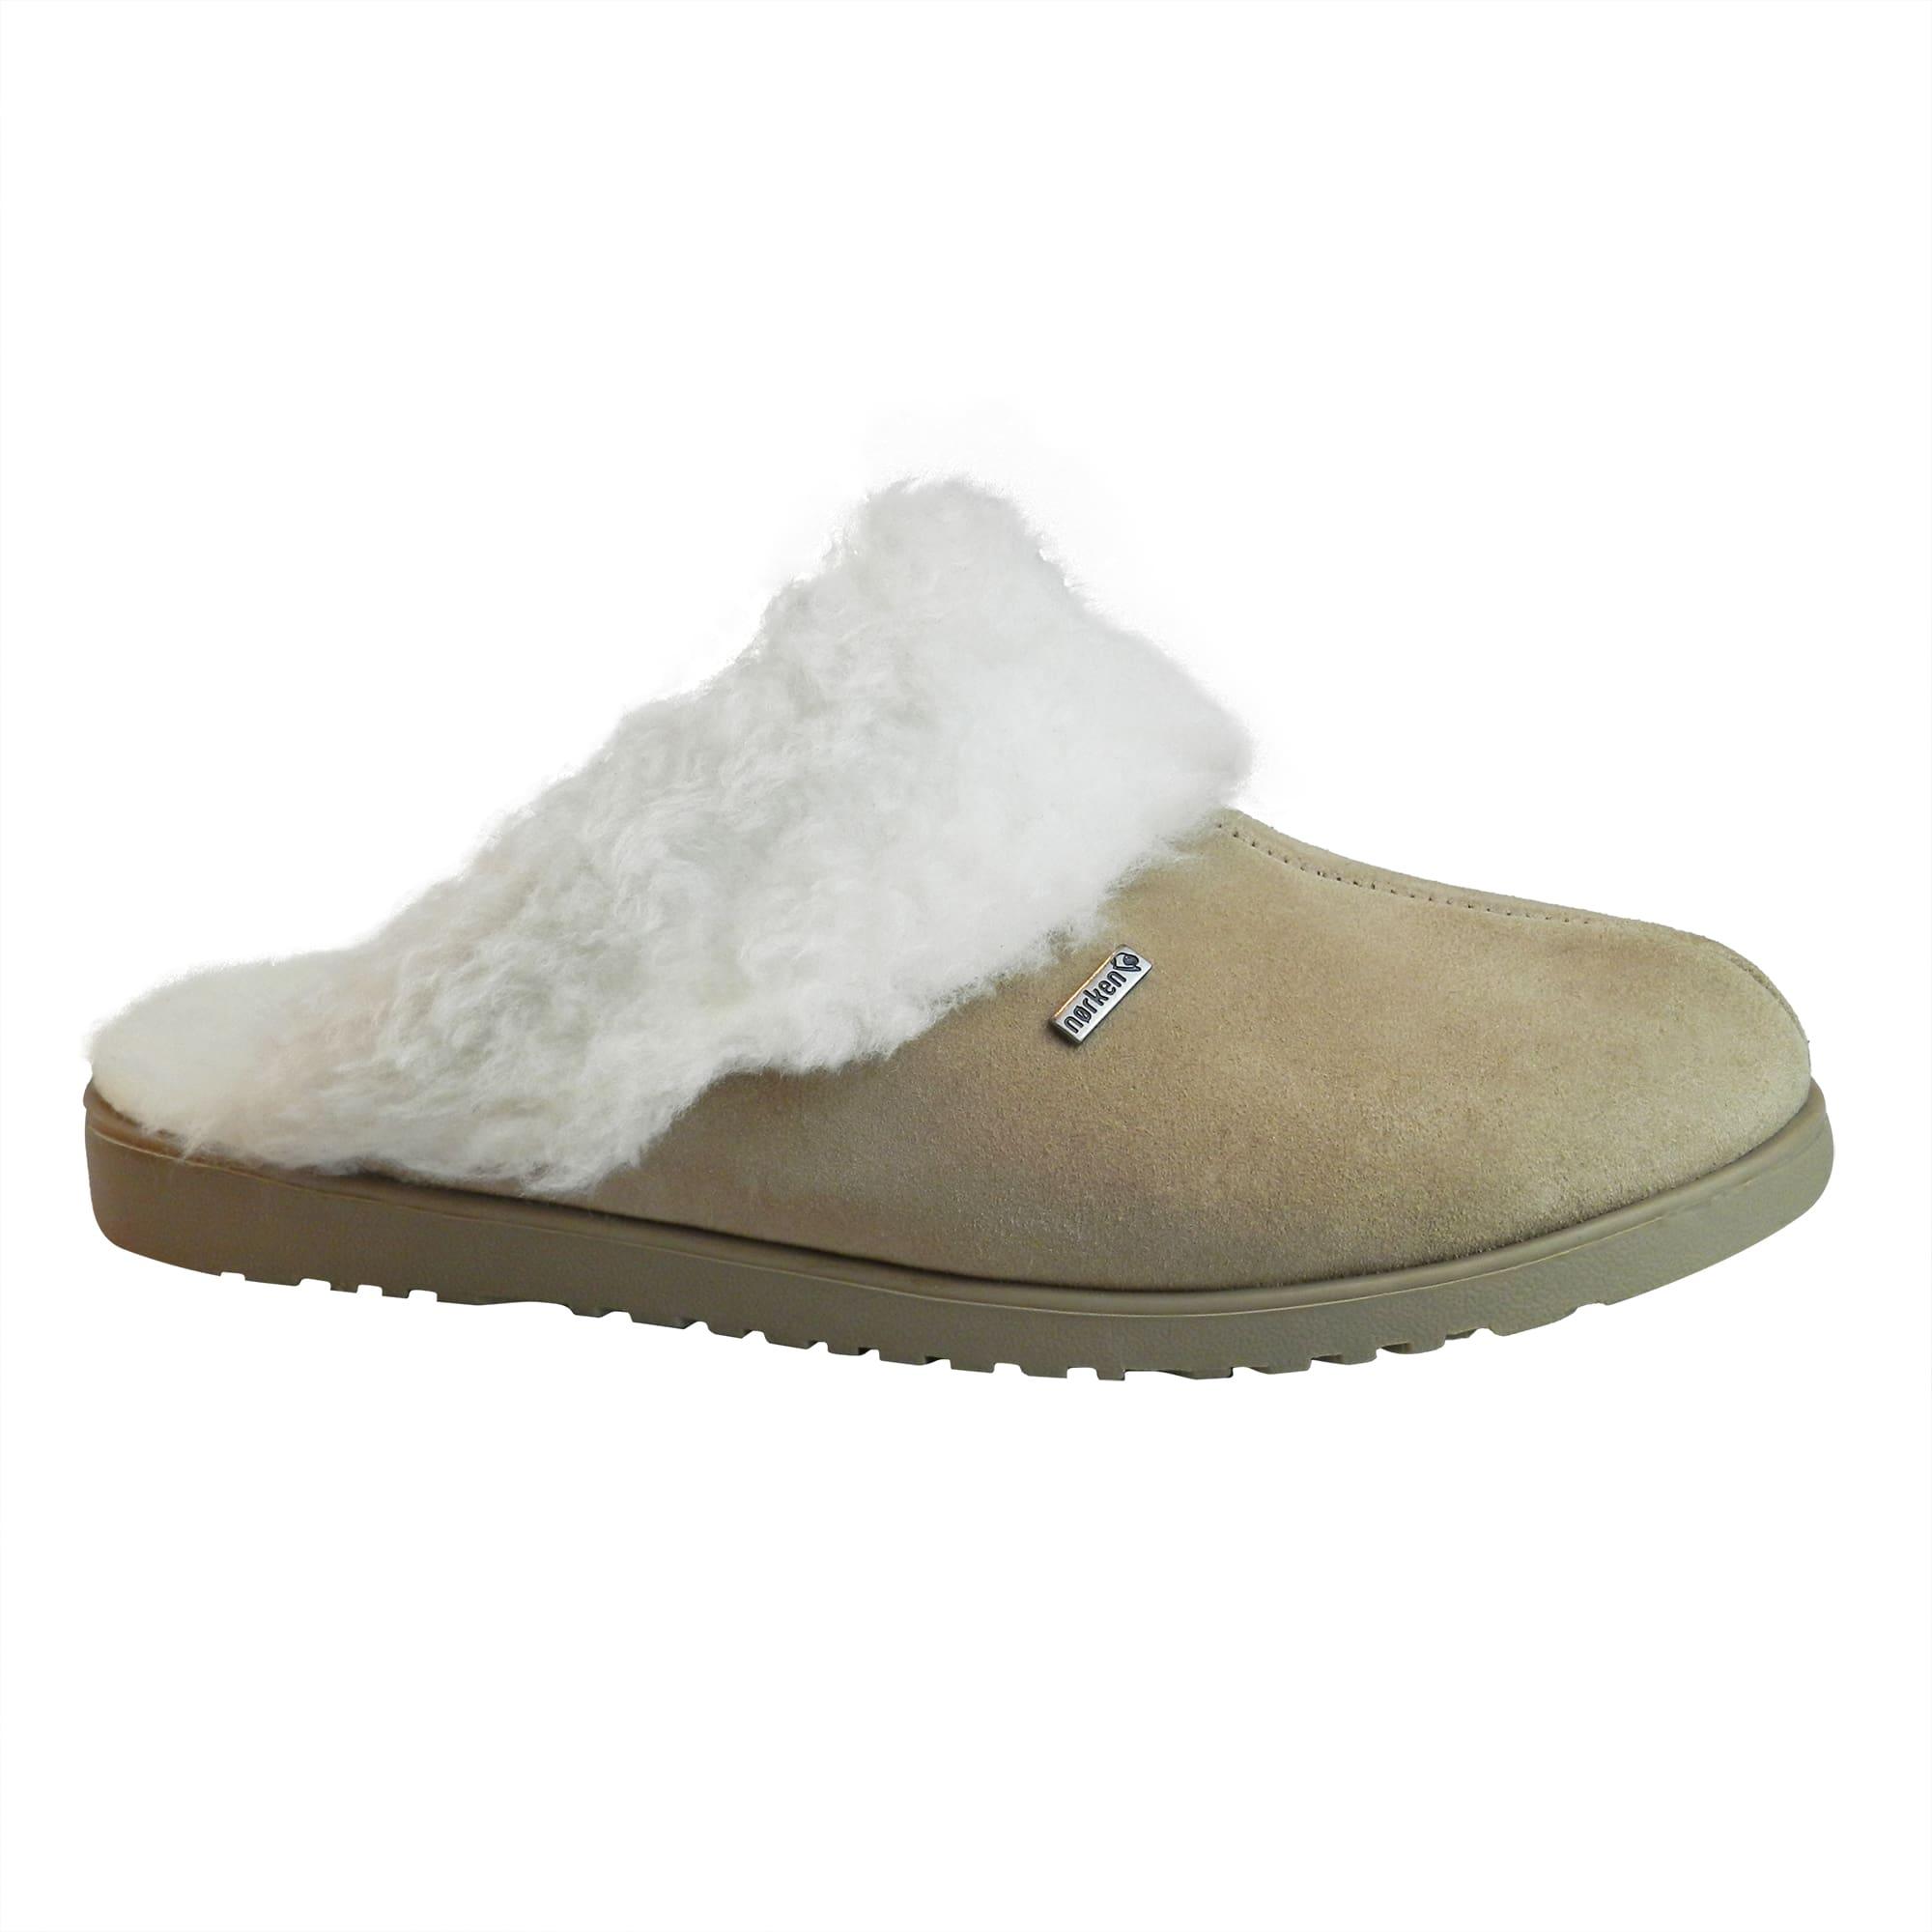 Pantufa Copenhage  toda forrada em lã de carneiro (Mod.PCA)